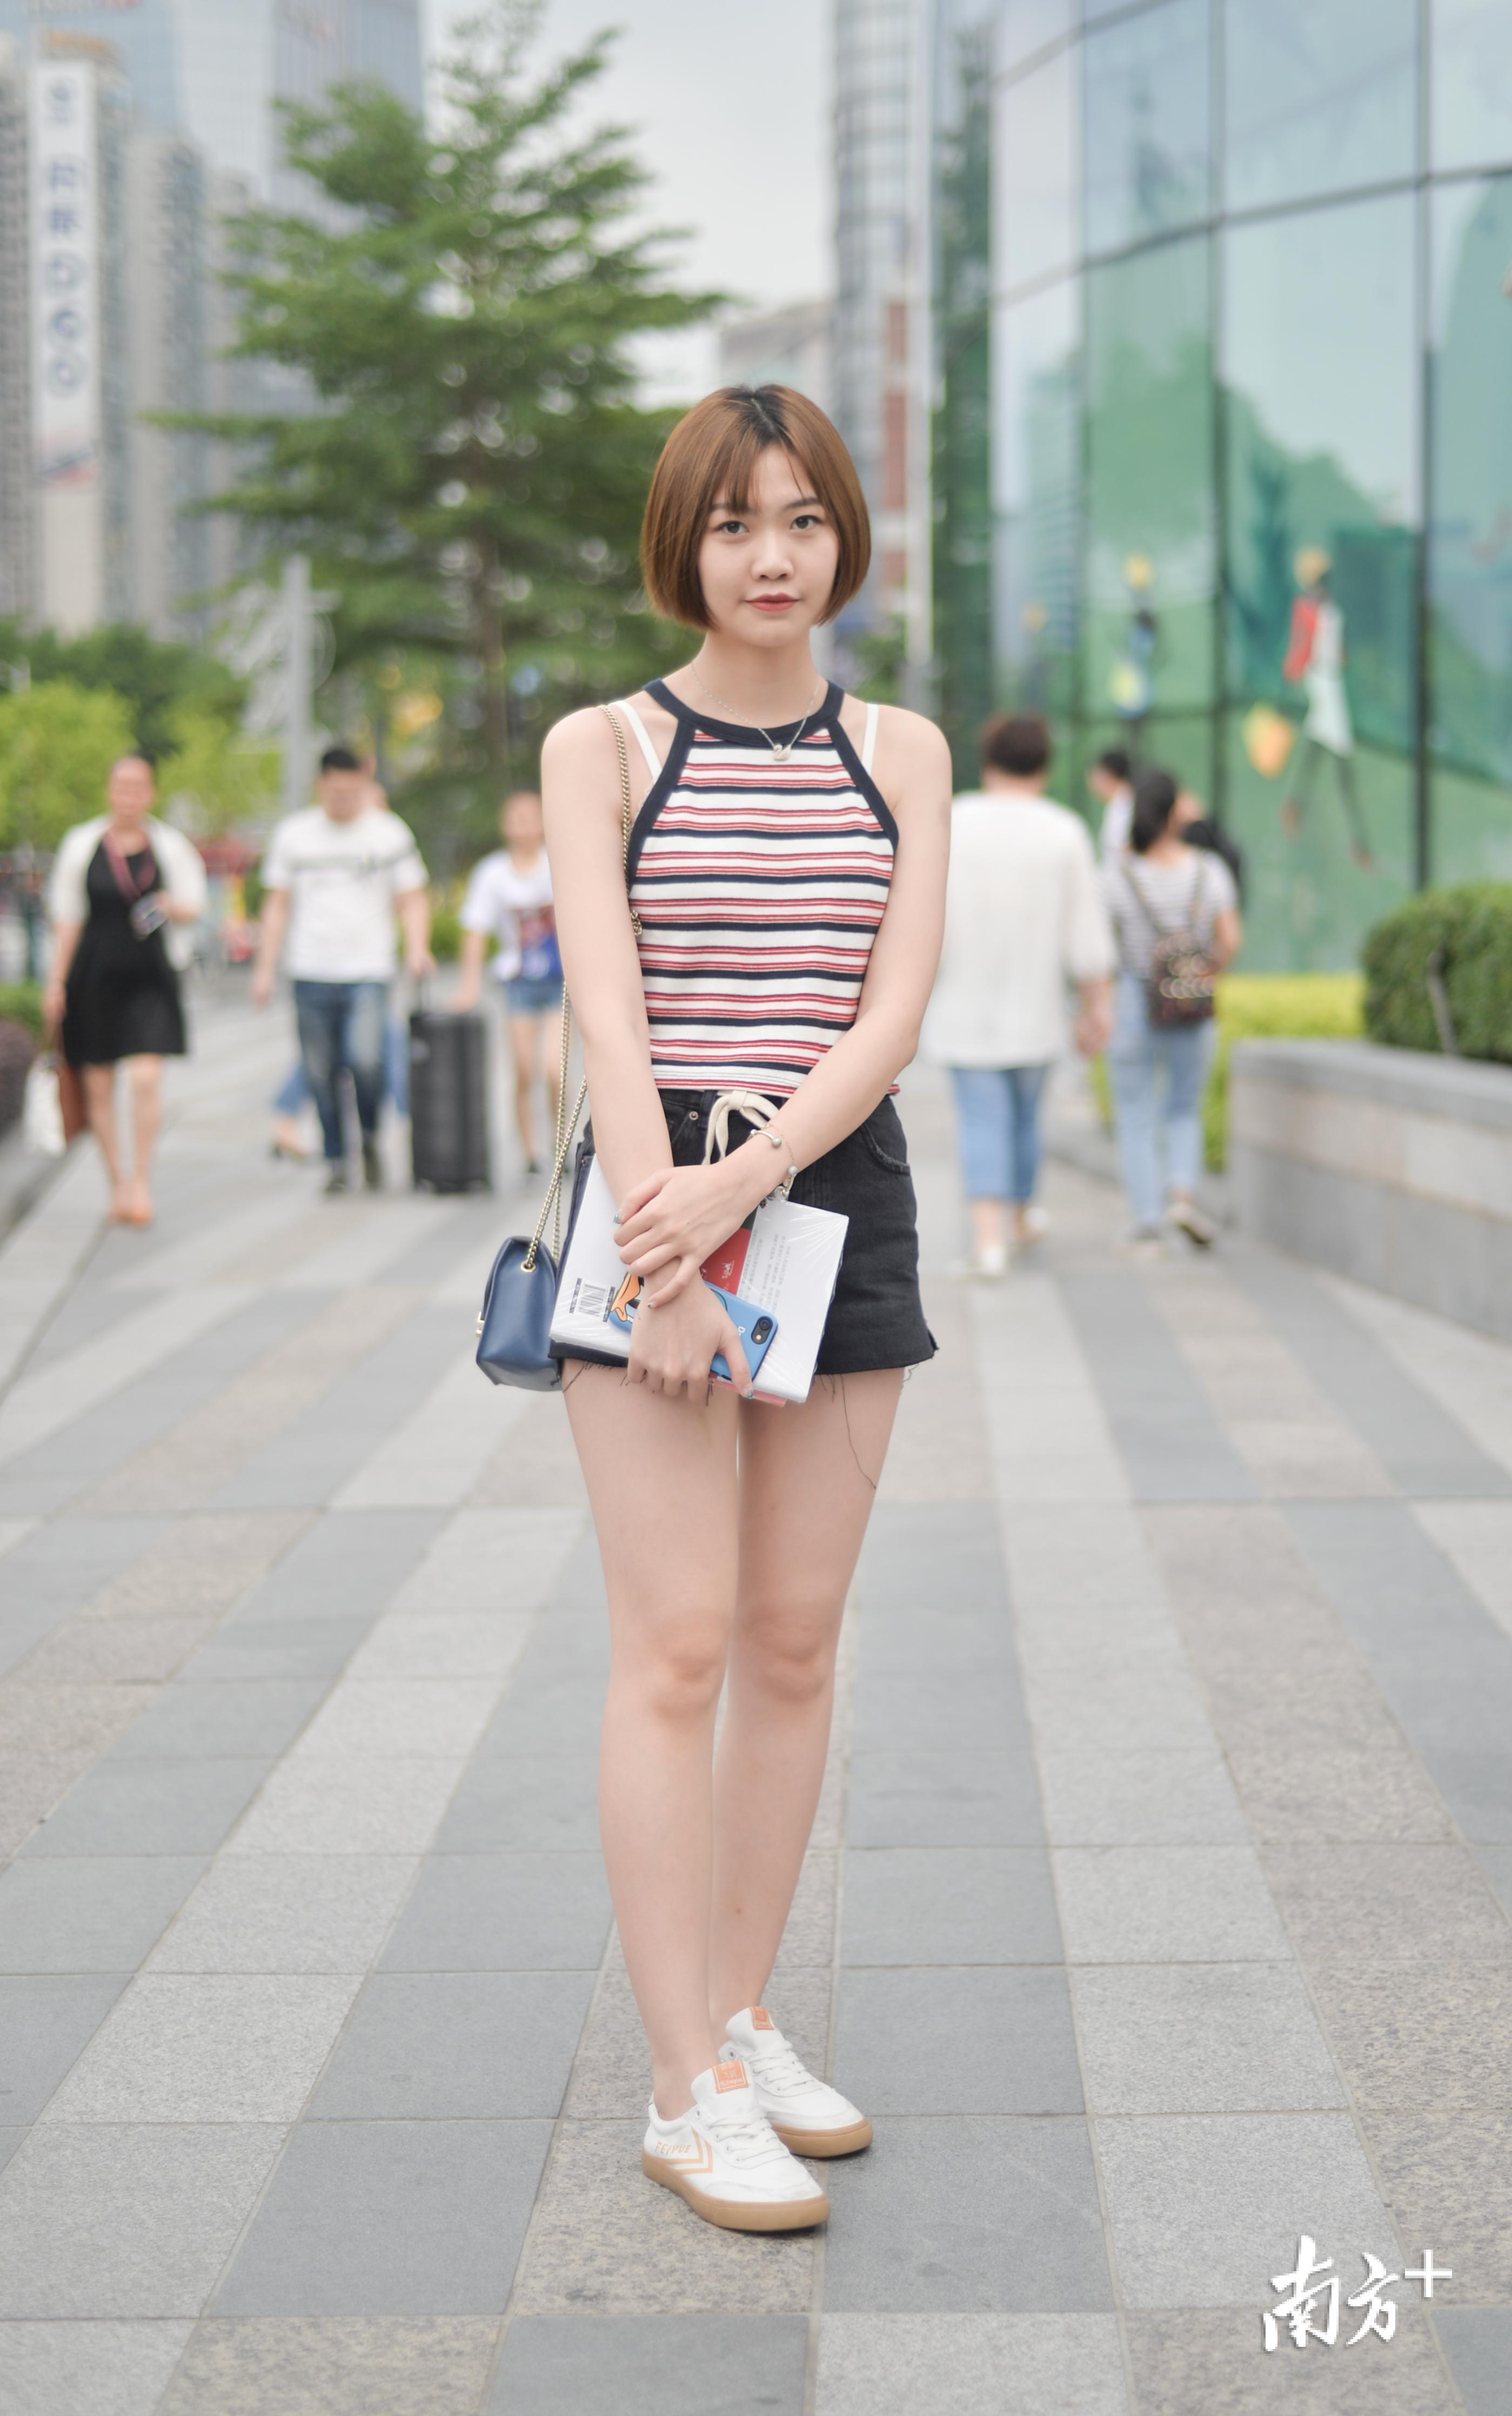 政务 正文  立夏过后,广州天气开始炎热,尤其近日,更是闷热难耐.